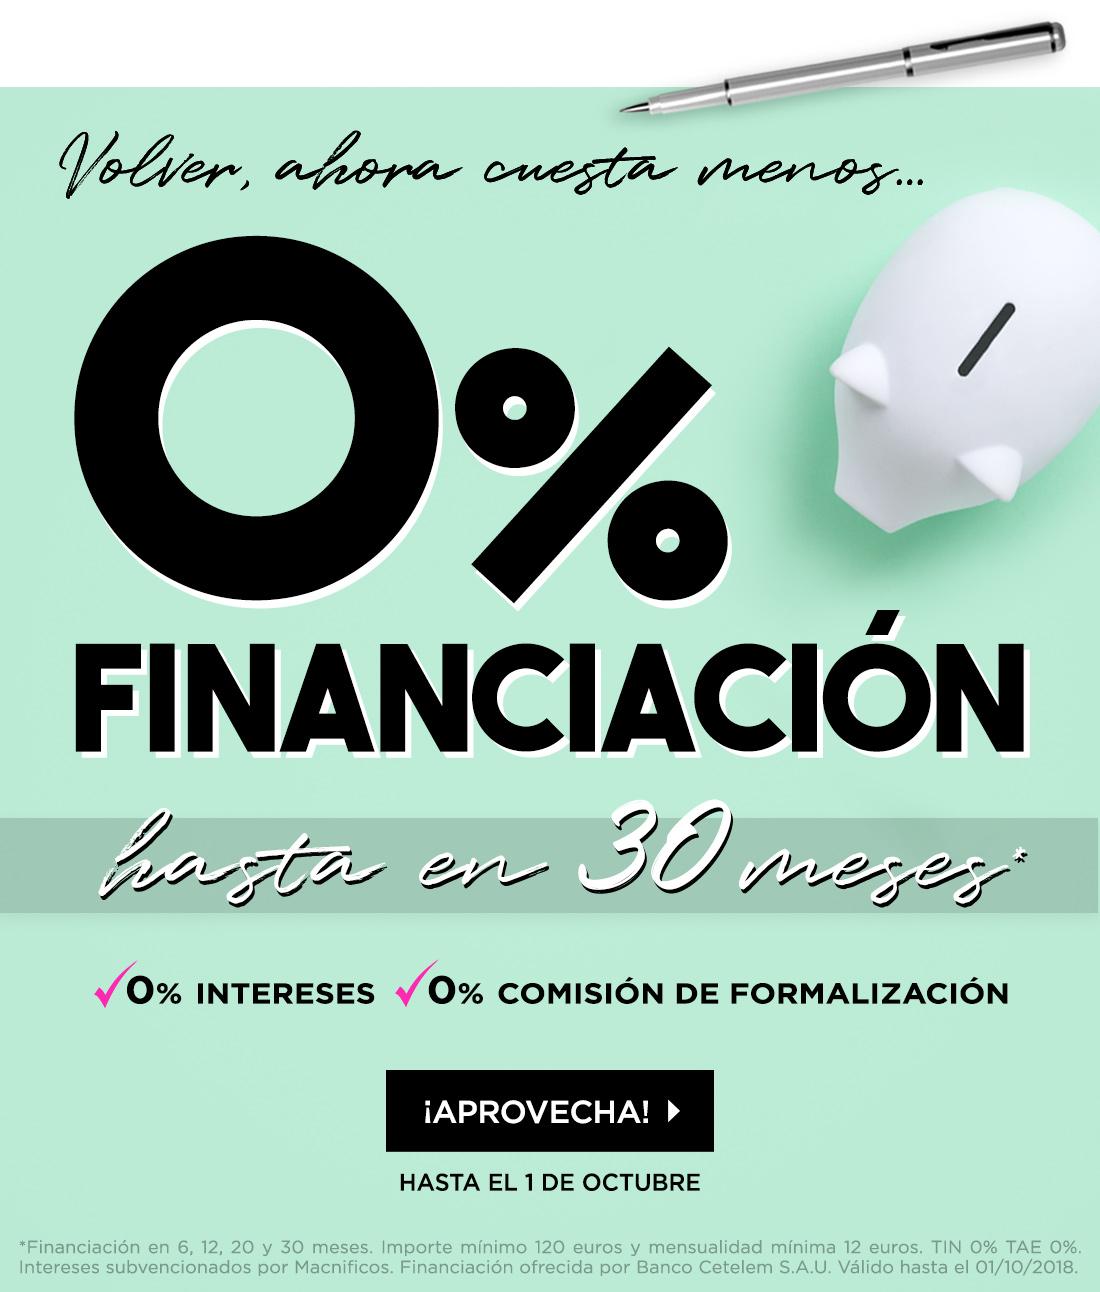 Financiación cero